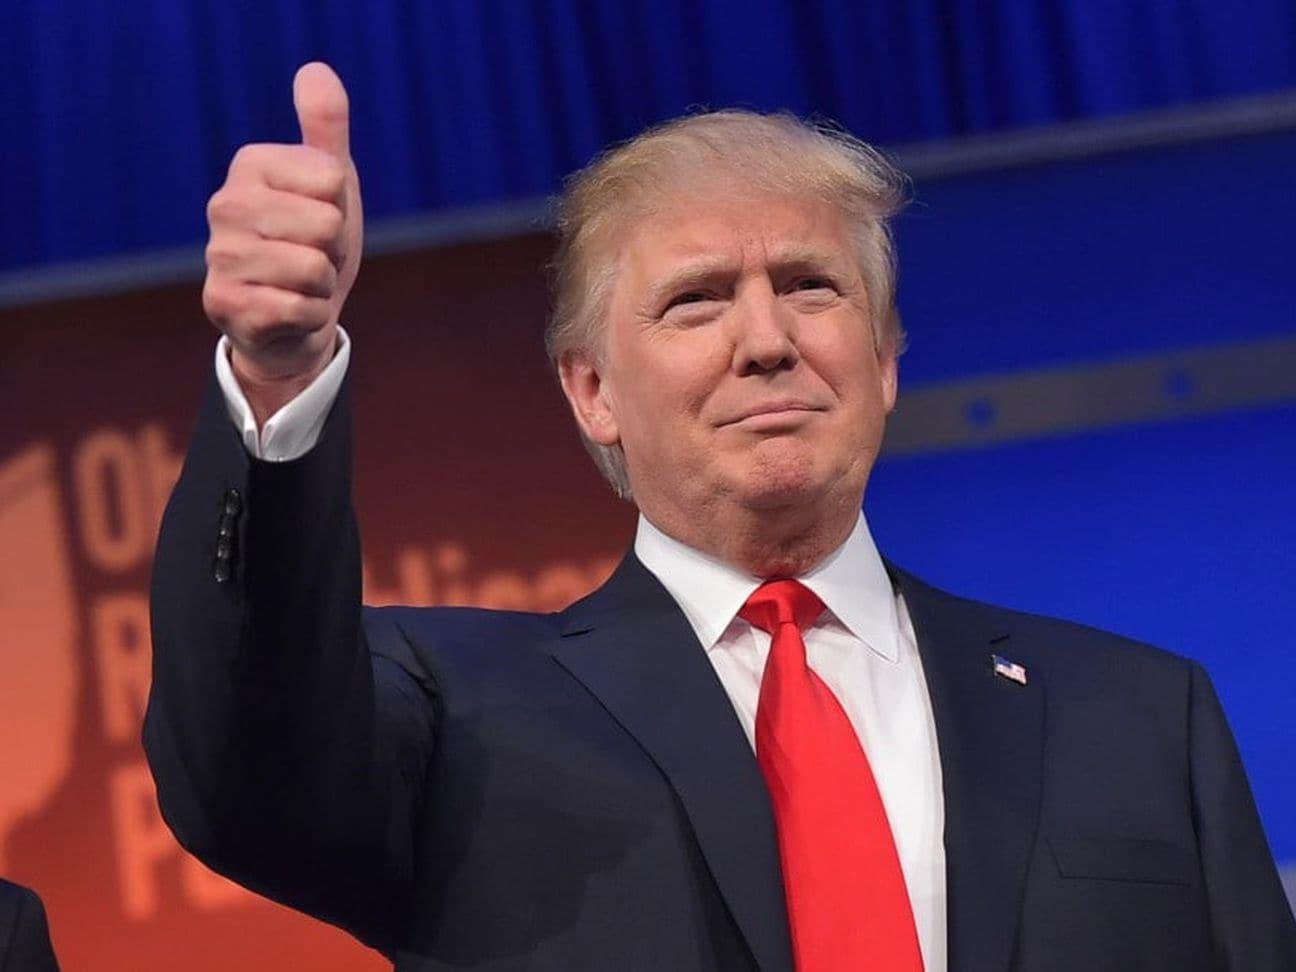 Доналд Трамп: ОХУ-ын тусламжаар бид олон хүний амийг аварч чадна